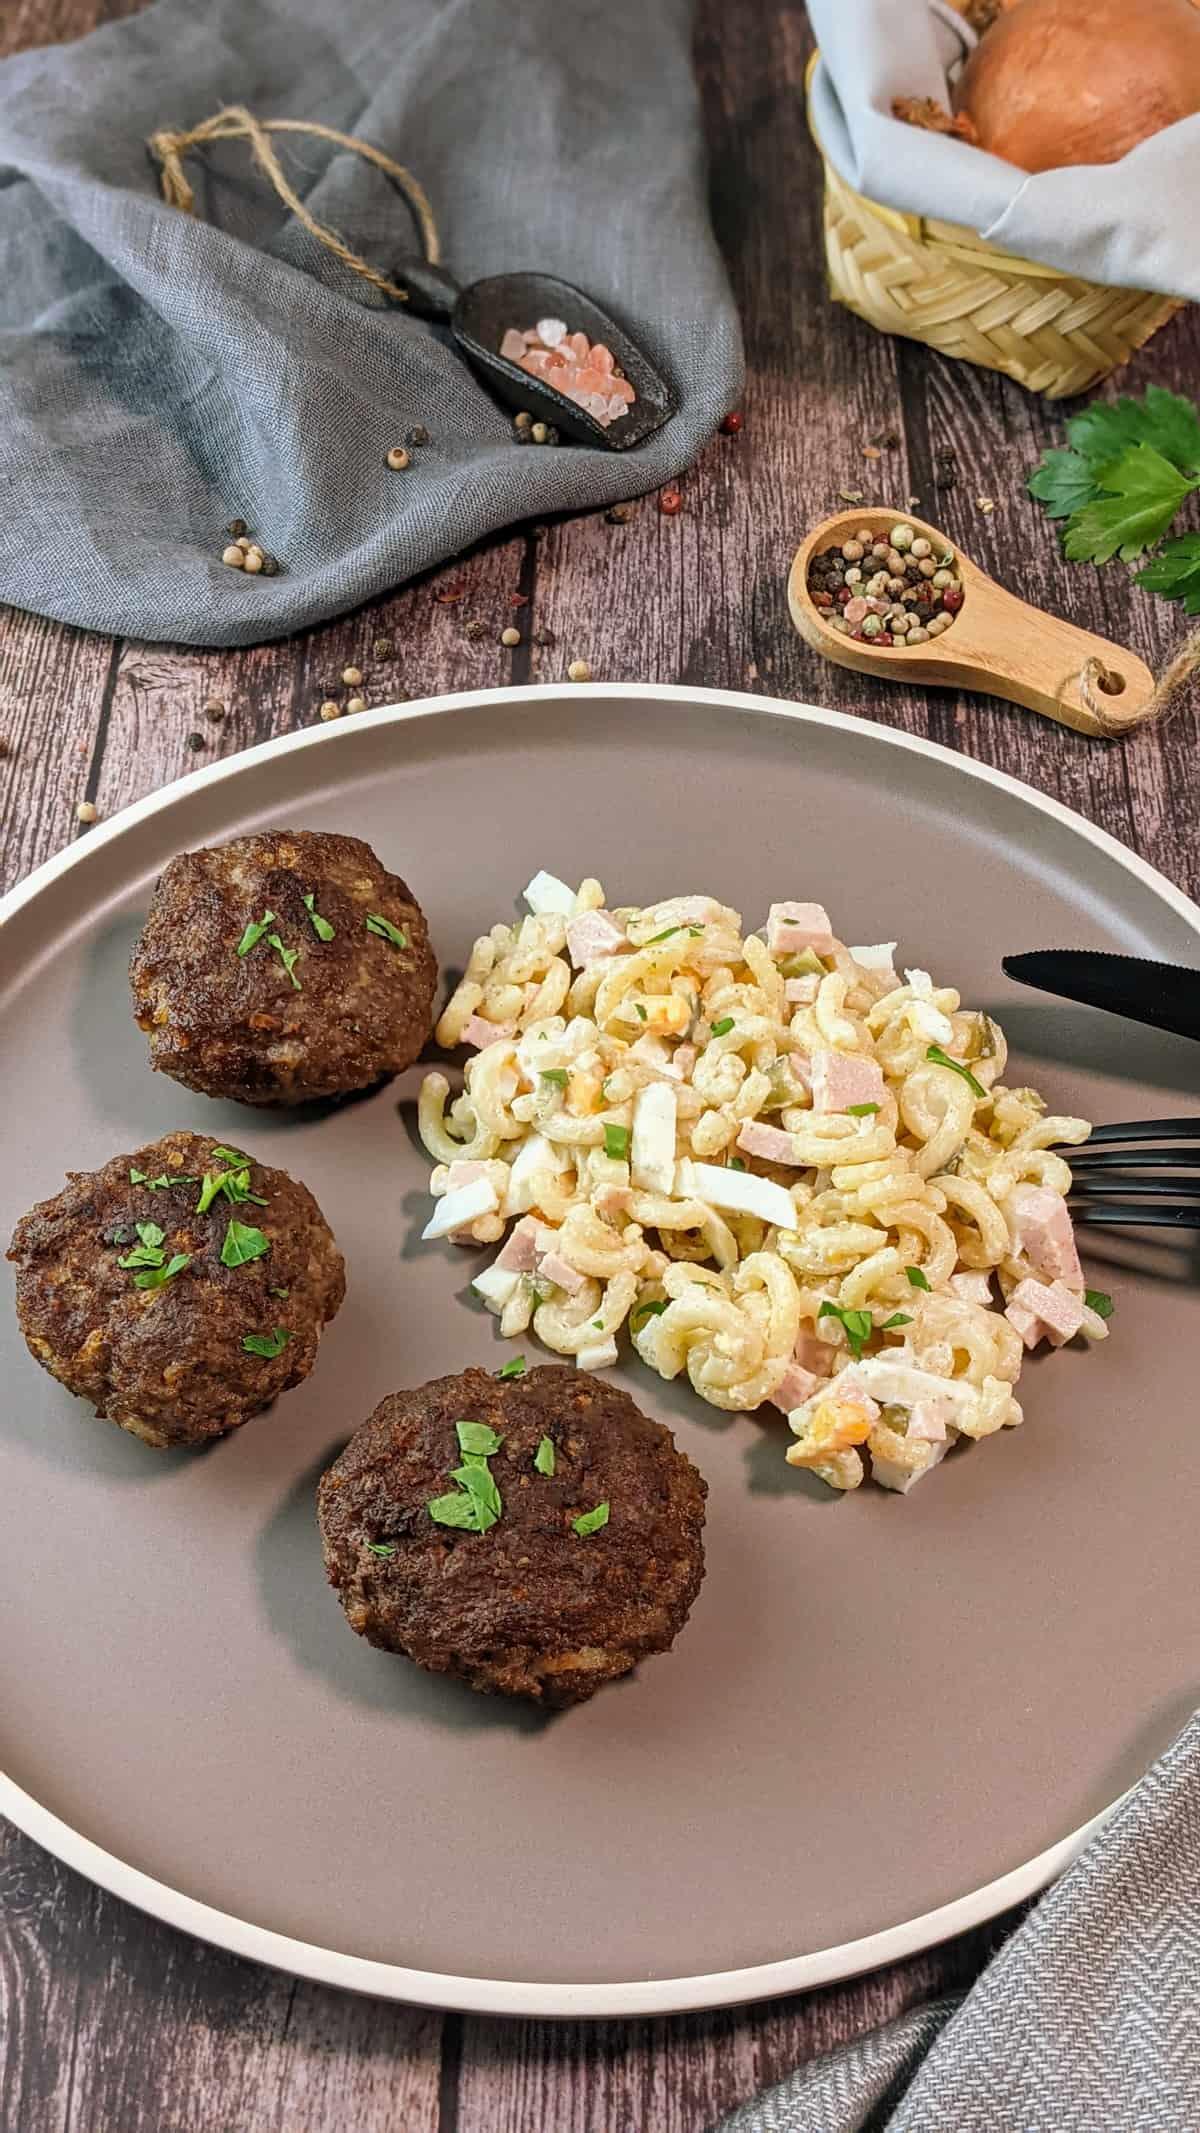 Auf einem braunen Teller ein selbstgemachter Nudelsalat mit Mayonnaise und drei Frikadellen. Im Hintergrund Deko.